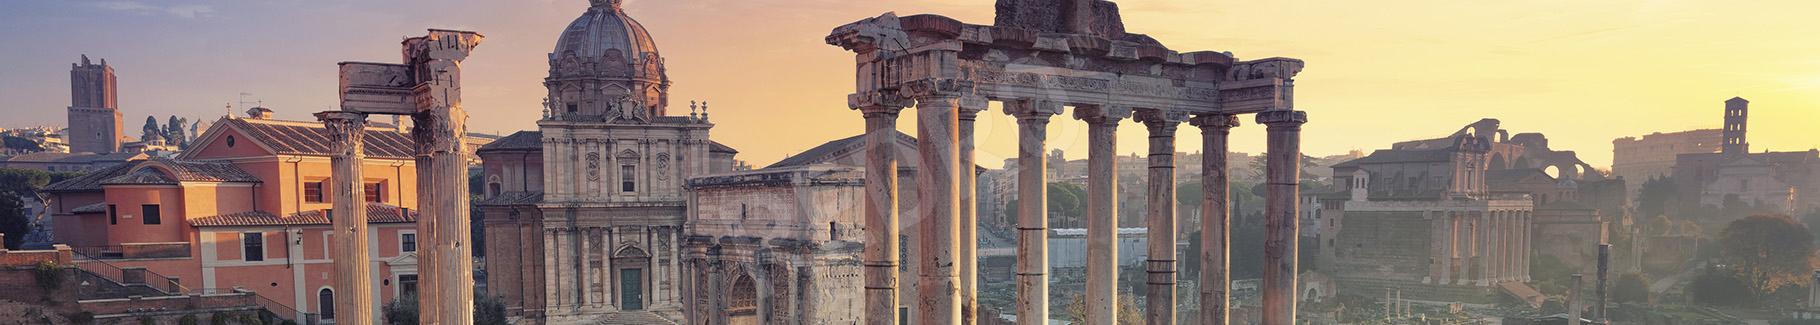 Obraz Forum Romanum